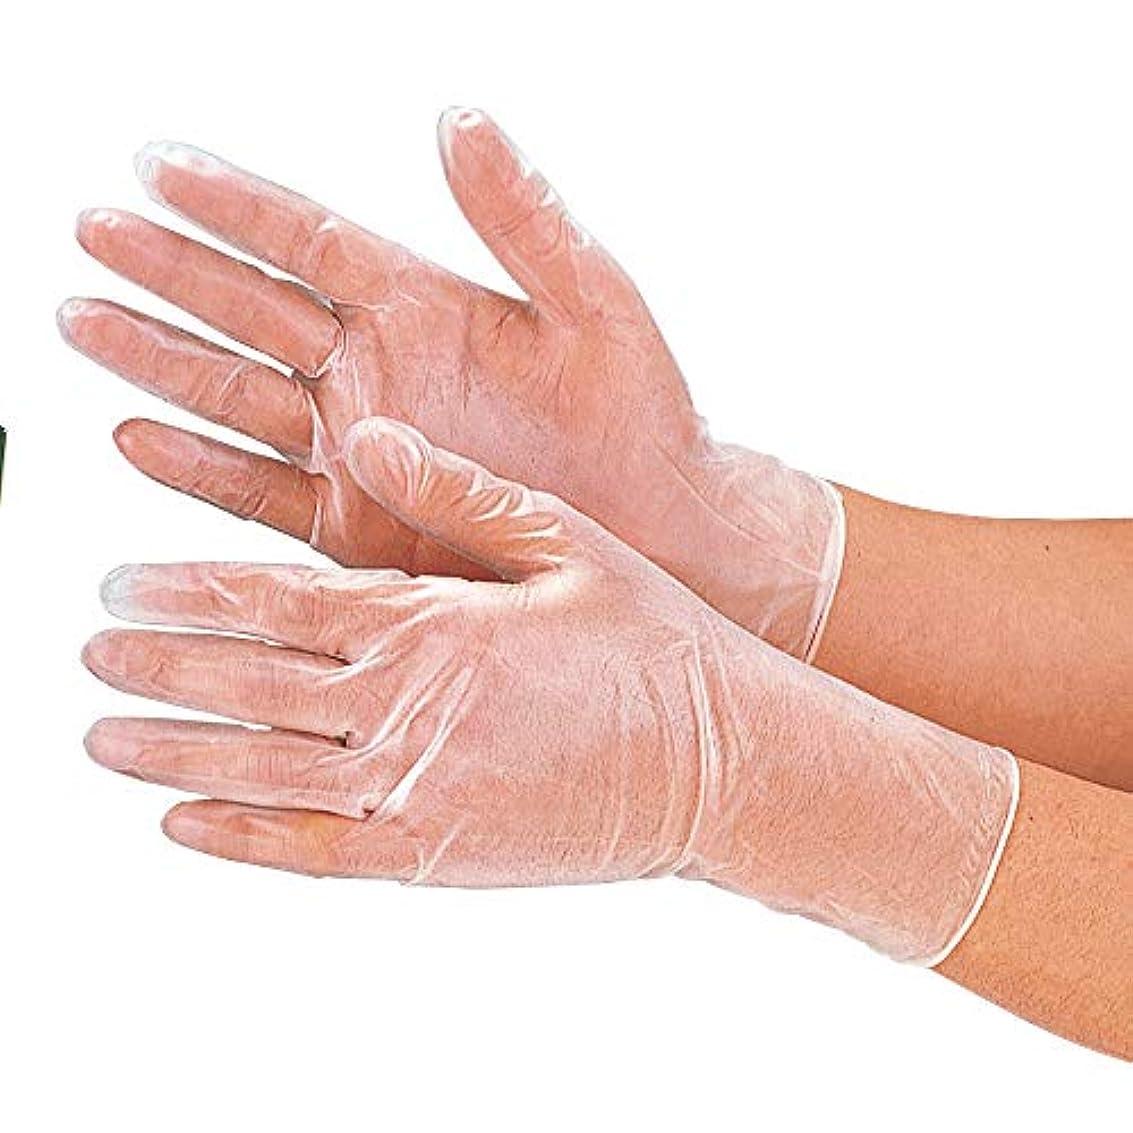 観光コメント魔法おたふく手袋 プラスチックディスポ手袋 100枚入り #255 S/M/L